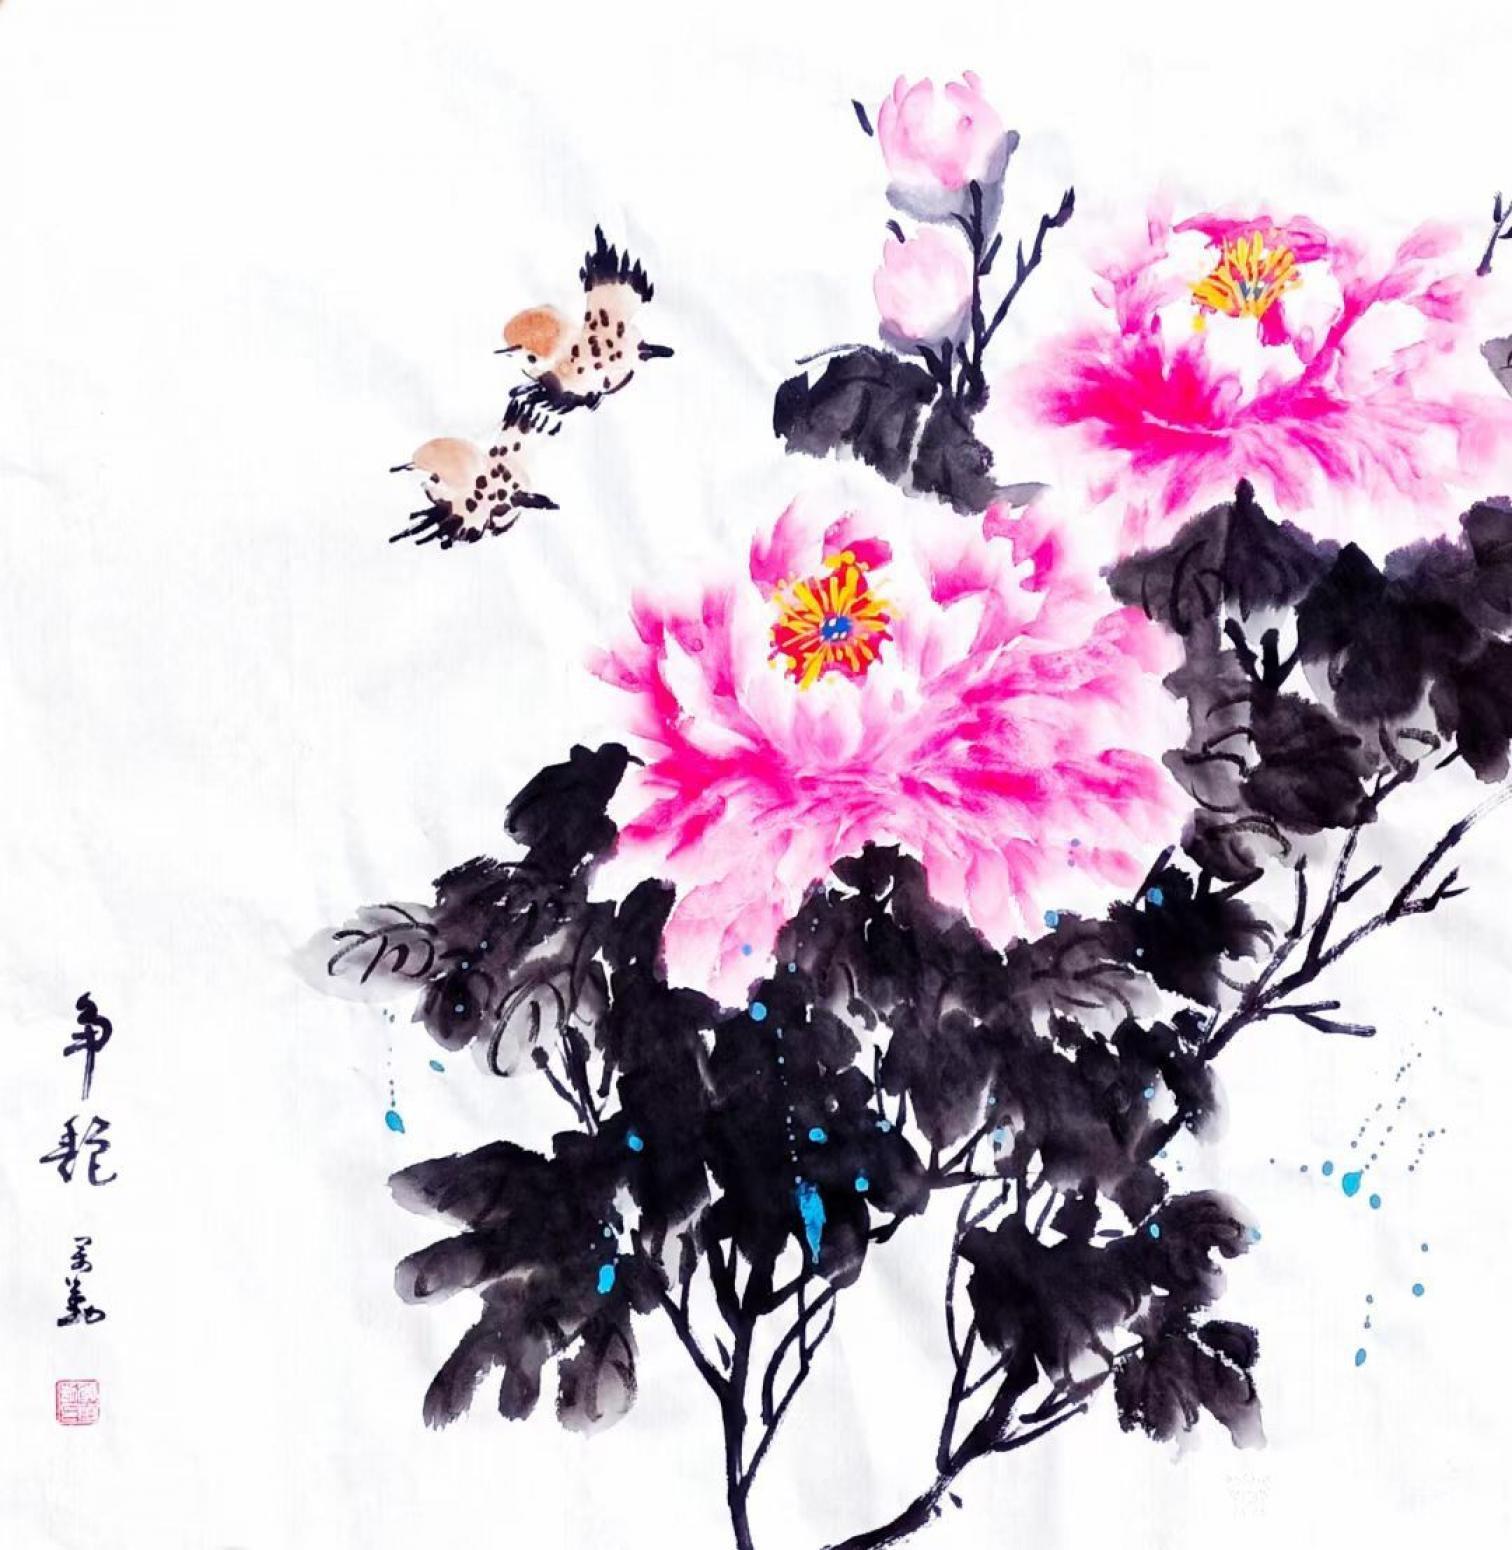 李万勤国画作品《花鸟牡丹-争艳》